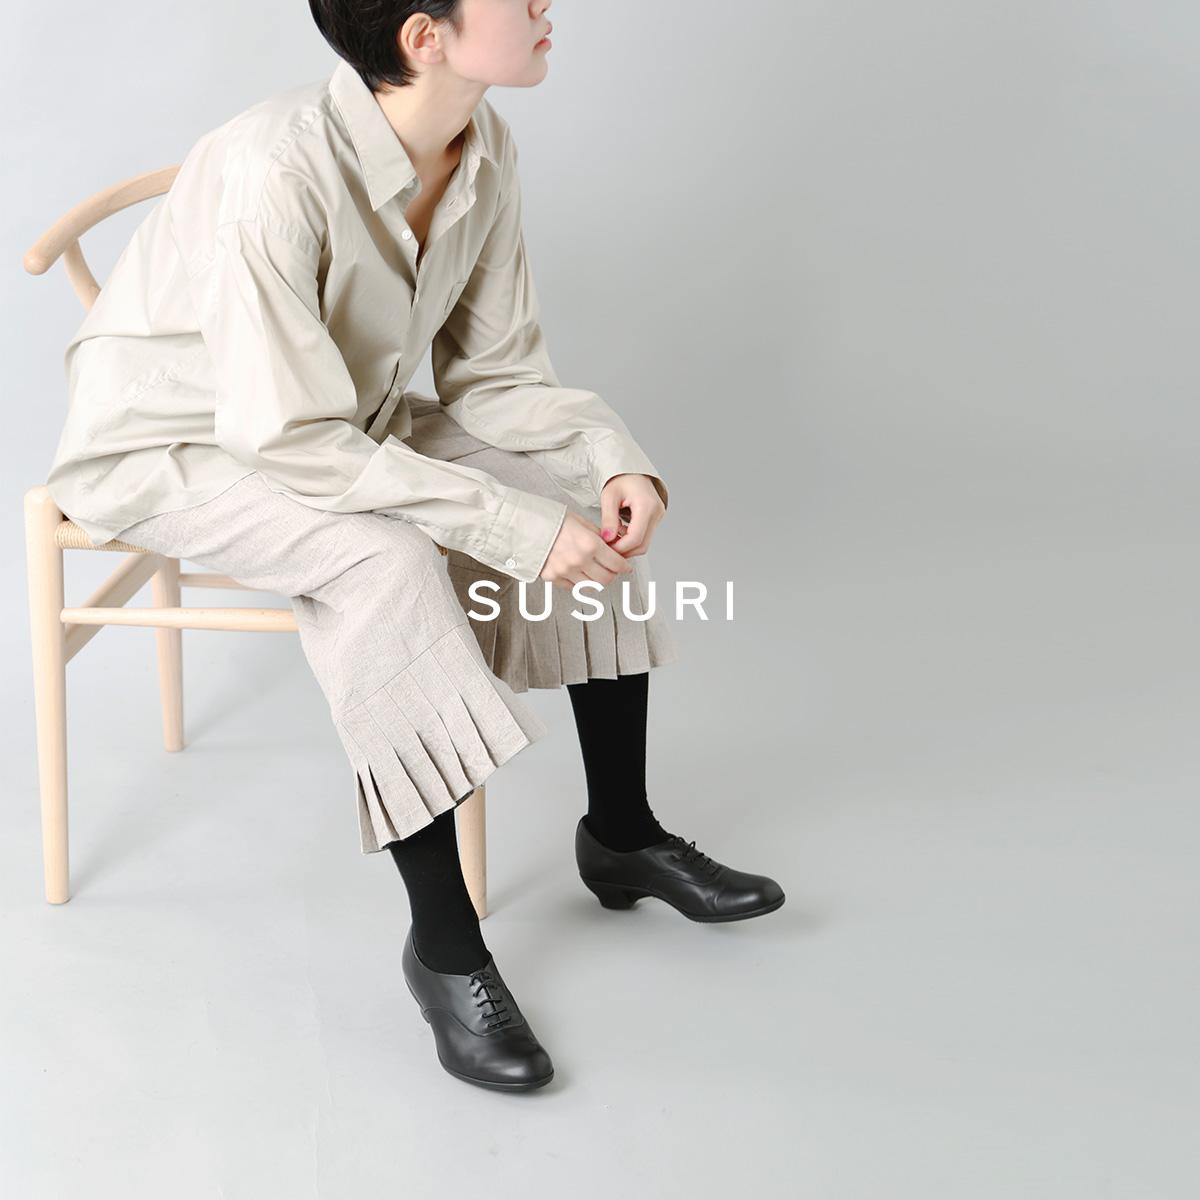 susuri(ススリ)コットンシルクフルッターパンツ 20-553